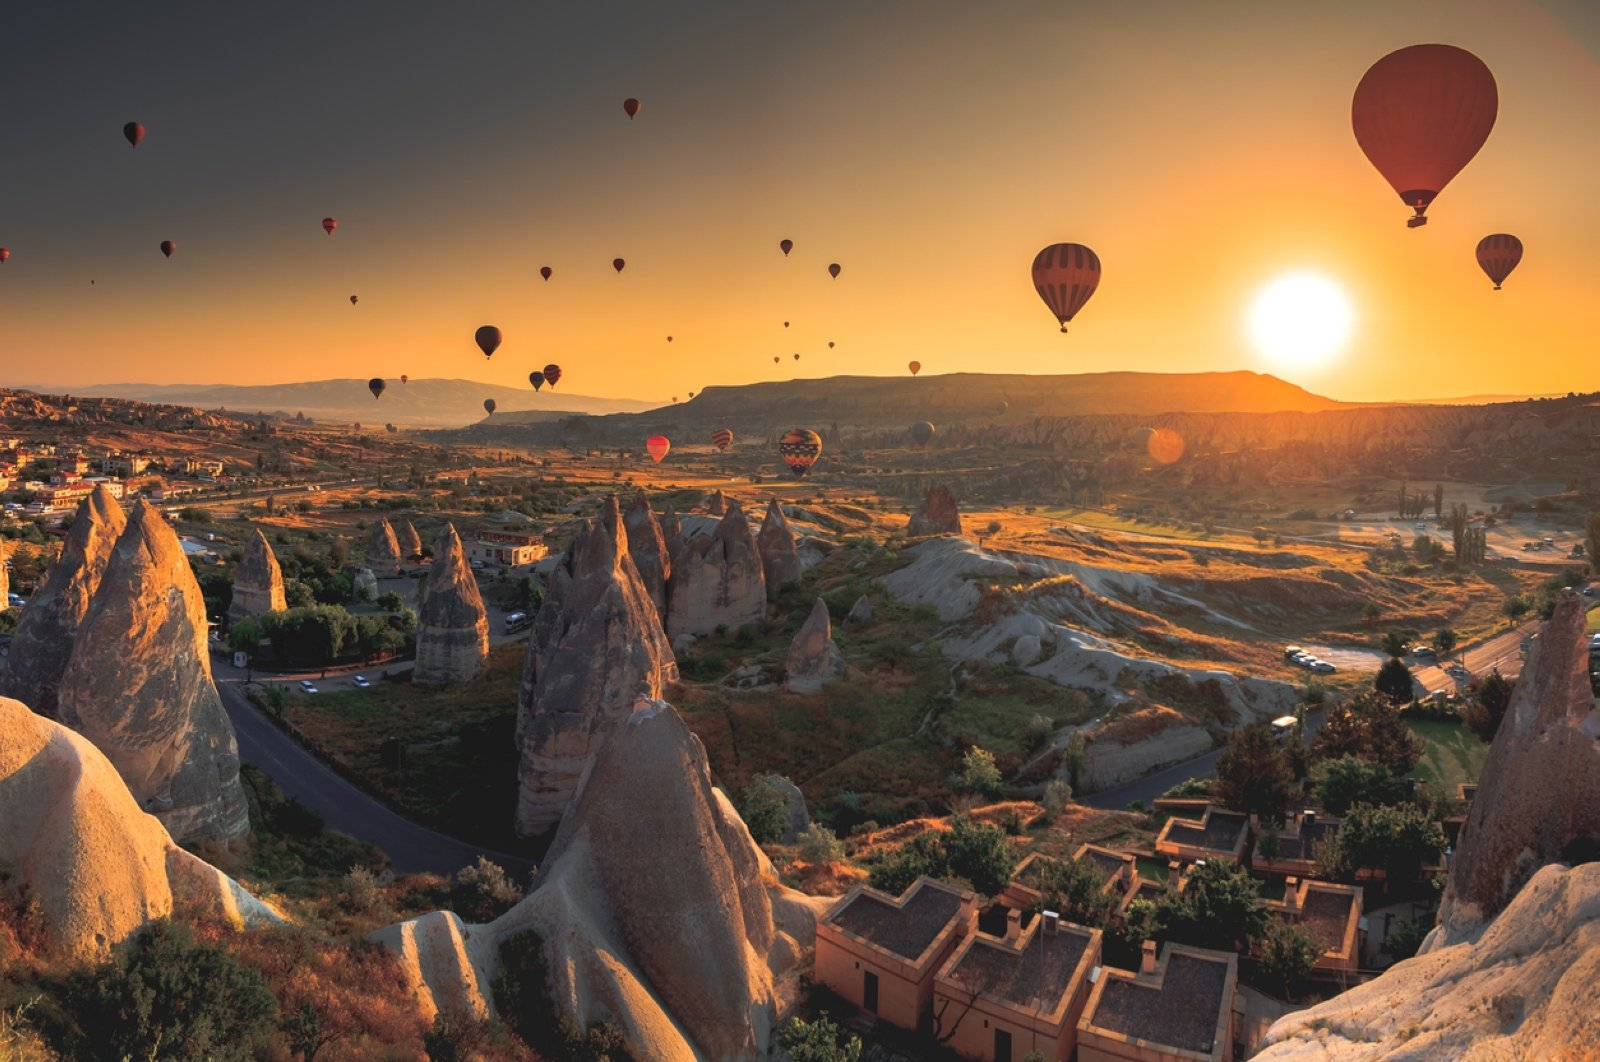 Ảnh khinh khí cầu bay chiều hoàng hôn ở Cappadocia